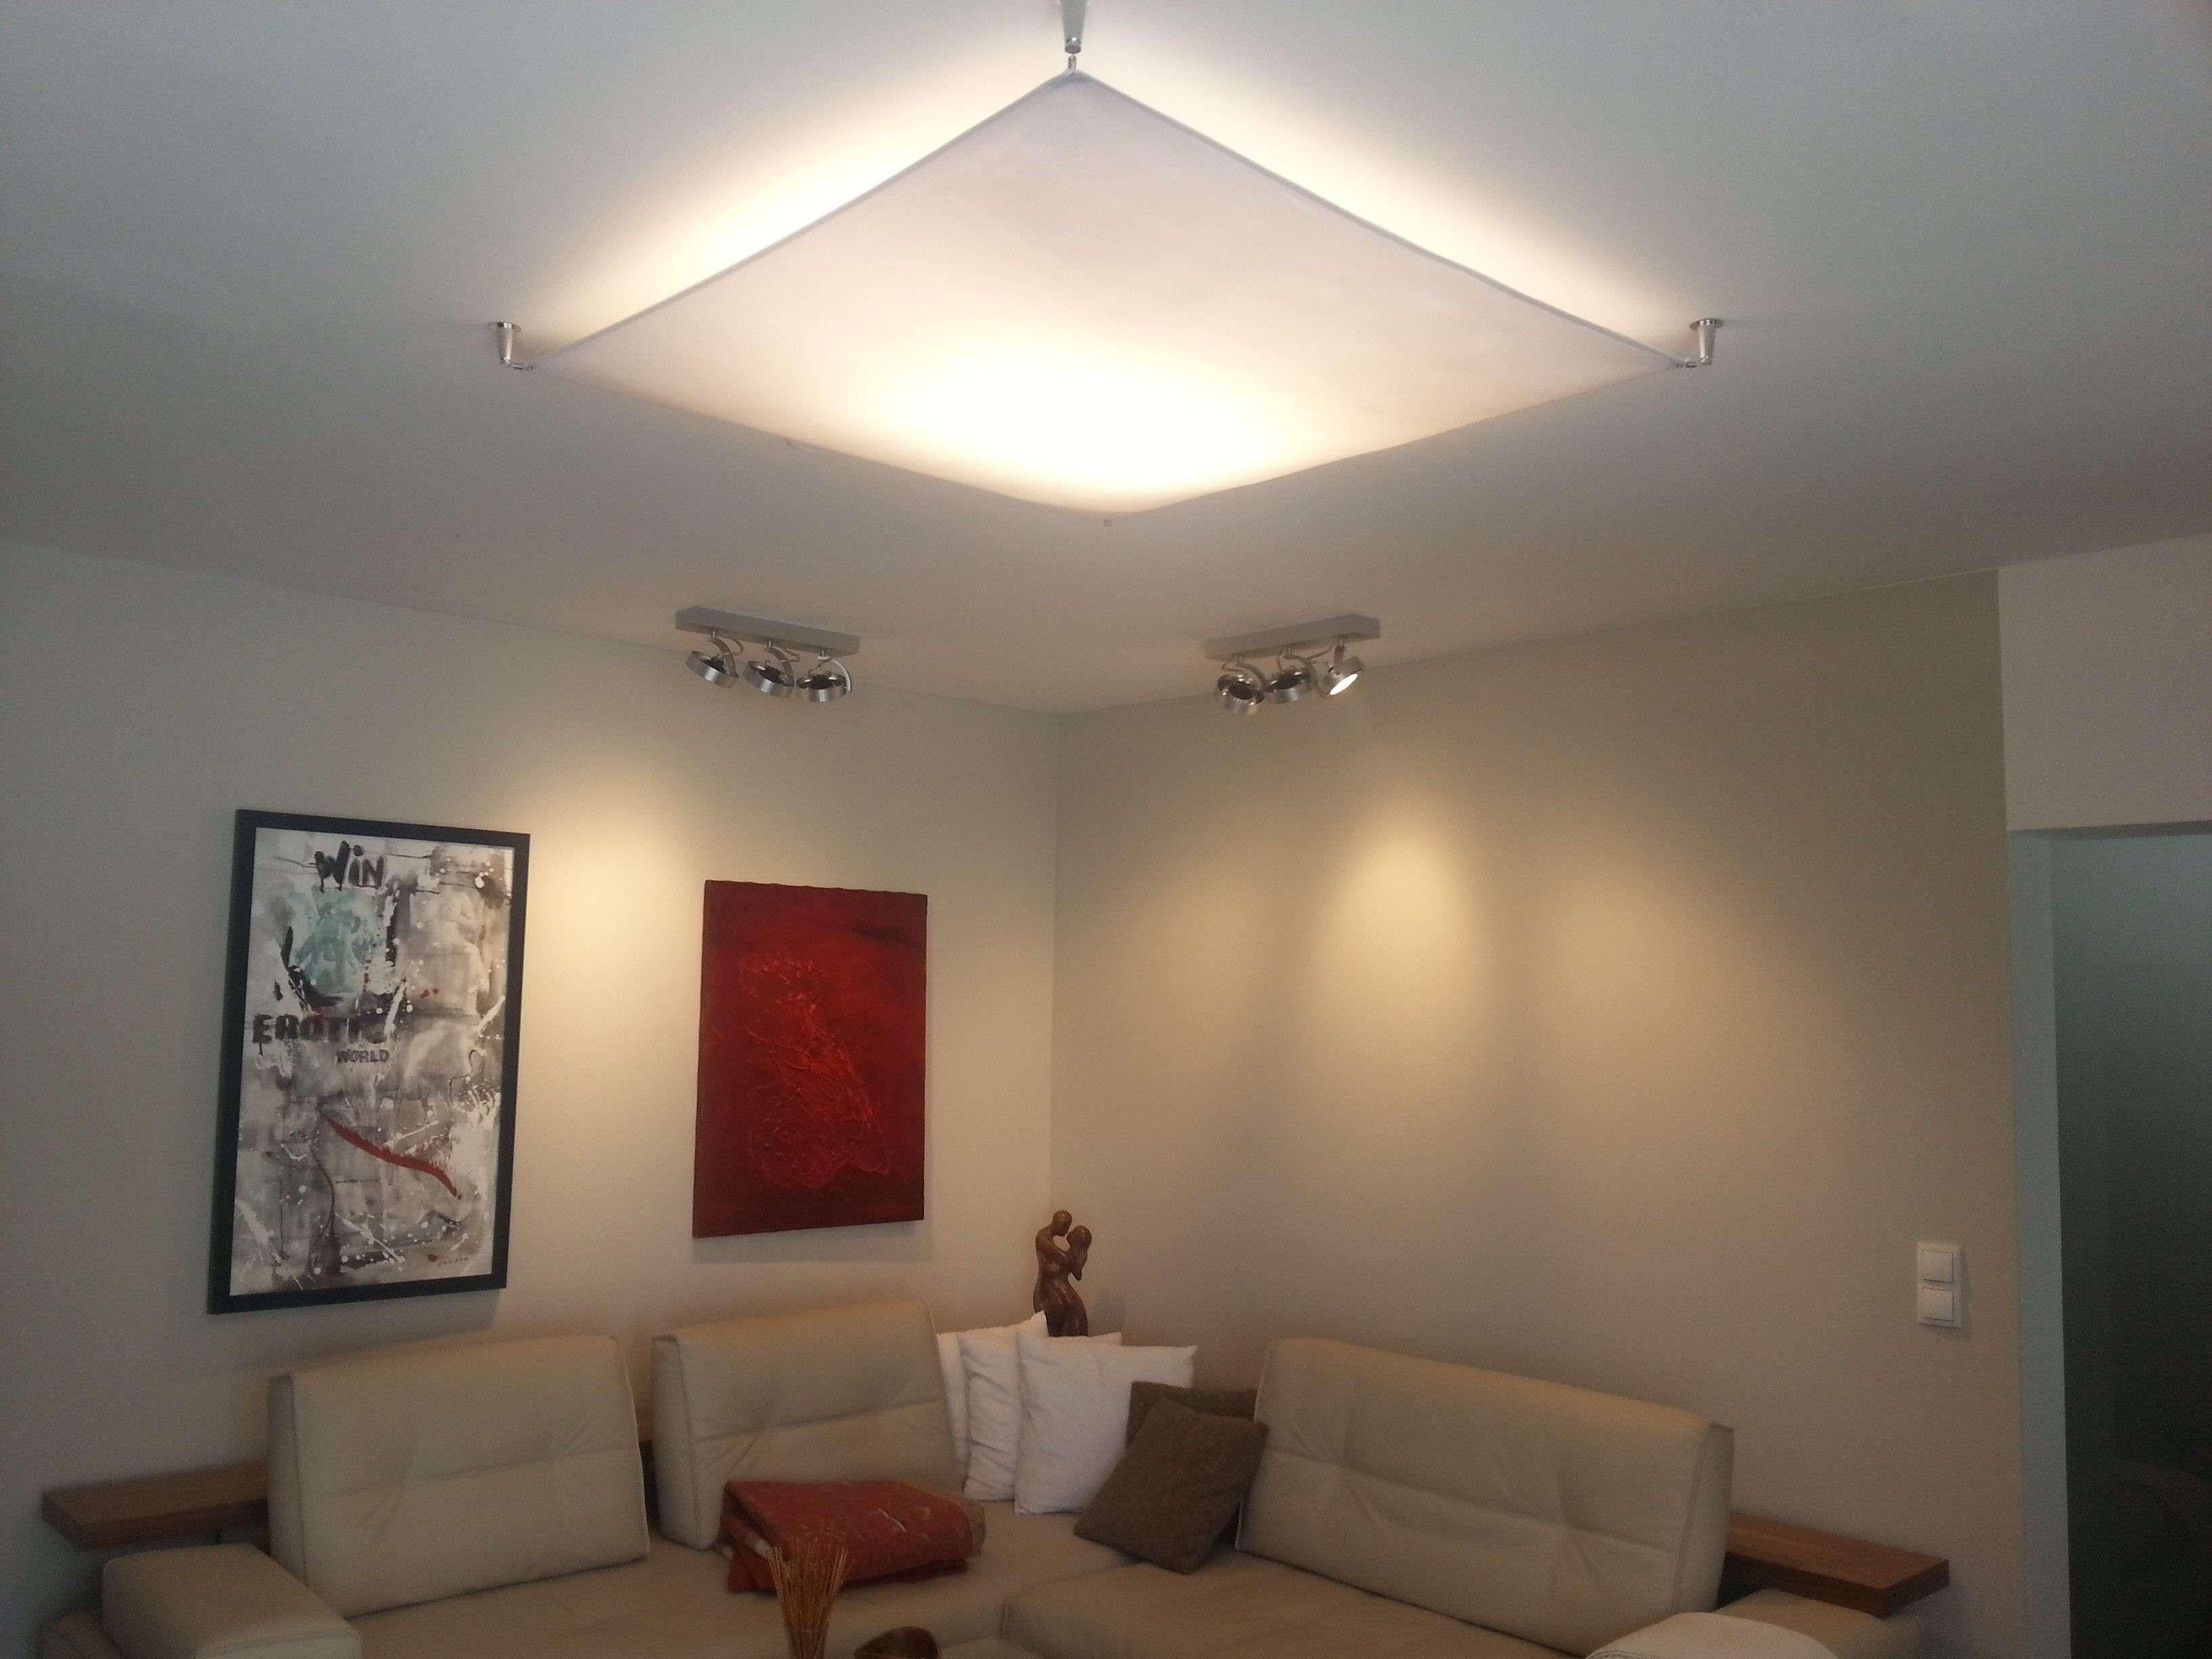 wohnzimmer lampe indirekt – Google Suche   Lampen wohnzimmer ...